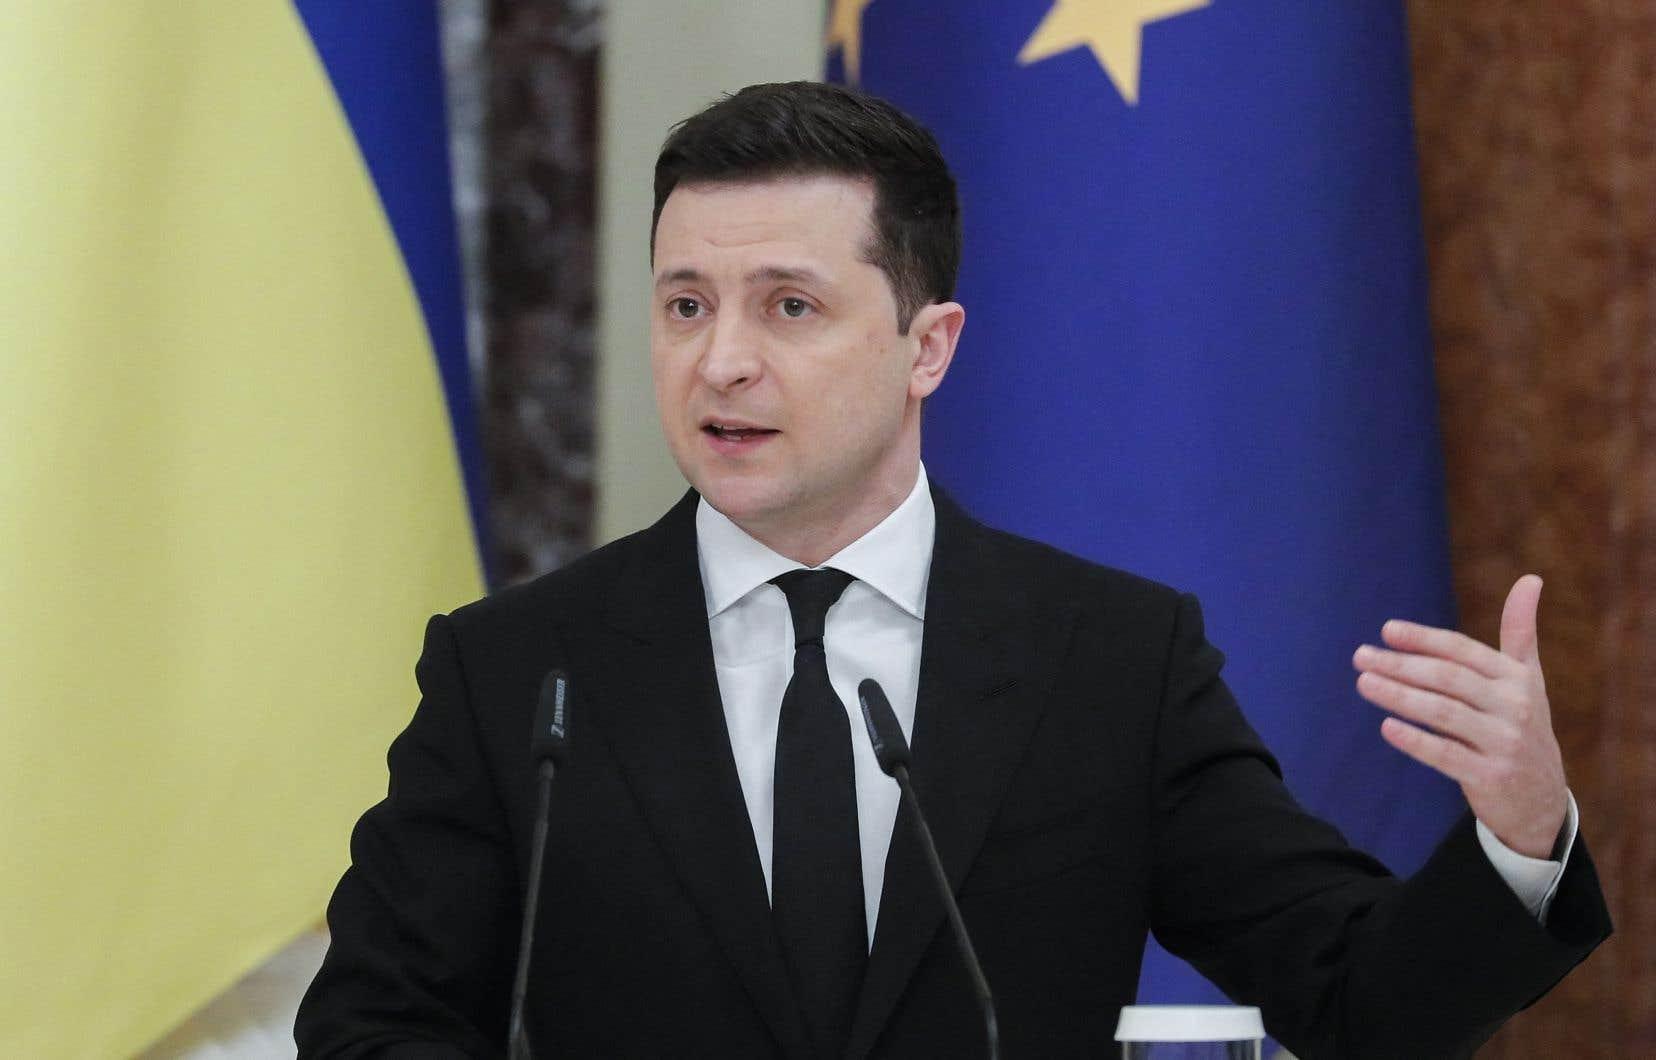 Vingt soldats ukrainiens ont été tués et 57 blessés depuis le début de l'année, a indiqué jeudi le président Zelensky, alors que Kiev avait fait état de 50 soldats tués sur toute l'année 2020.